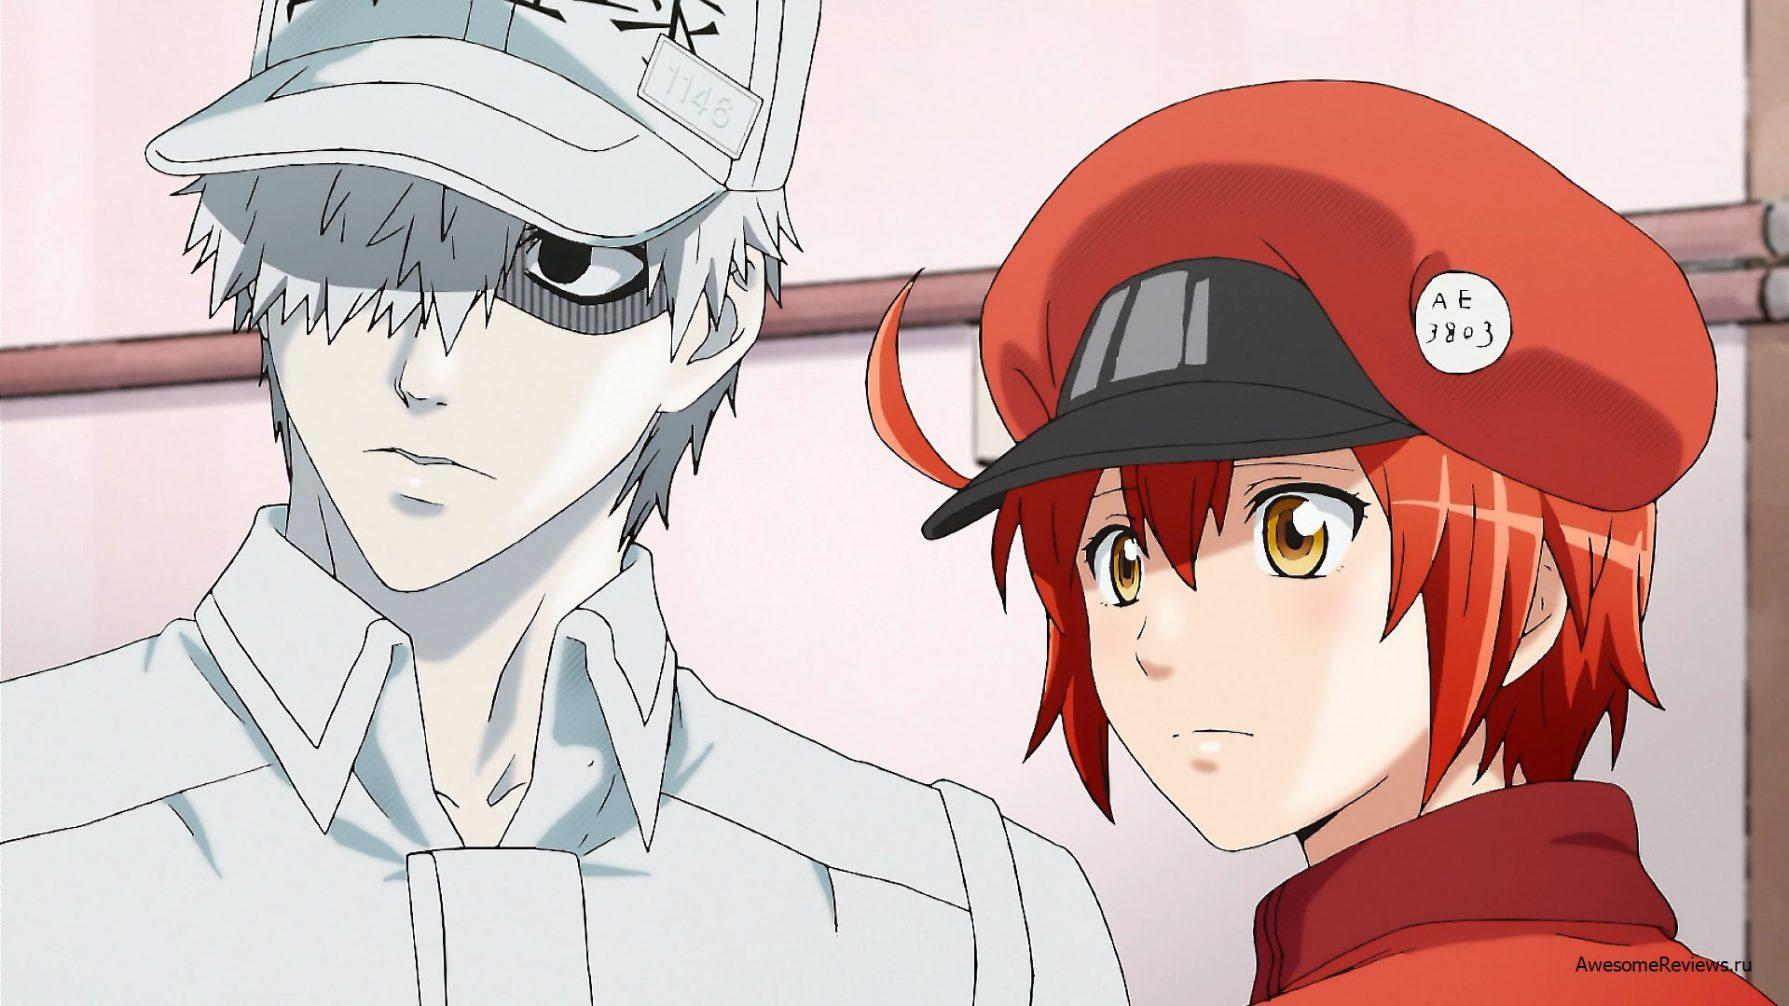 Do lado esquerdo há um rapaz todo vestido de branco (inclusive boné), e ao lado direito uma menina toda vestida de vermelho (inclusive boina)